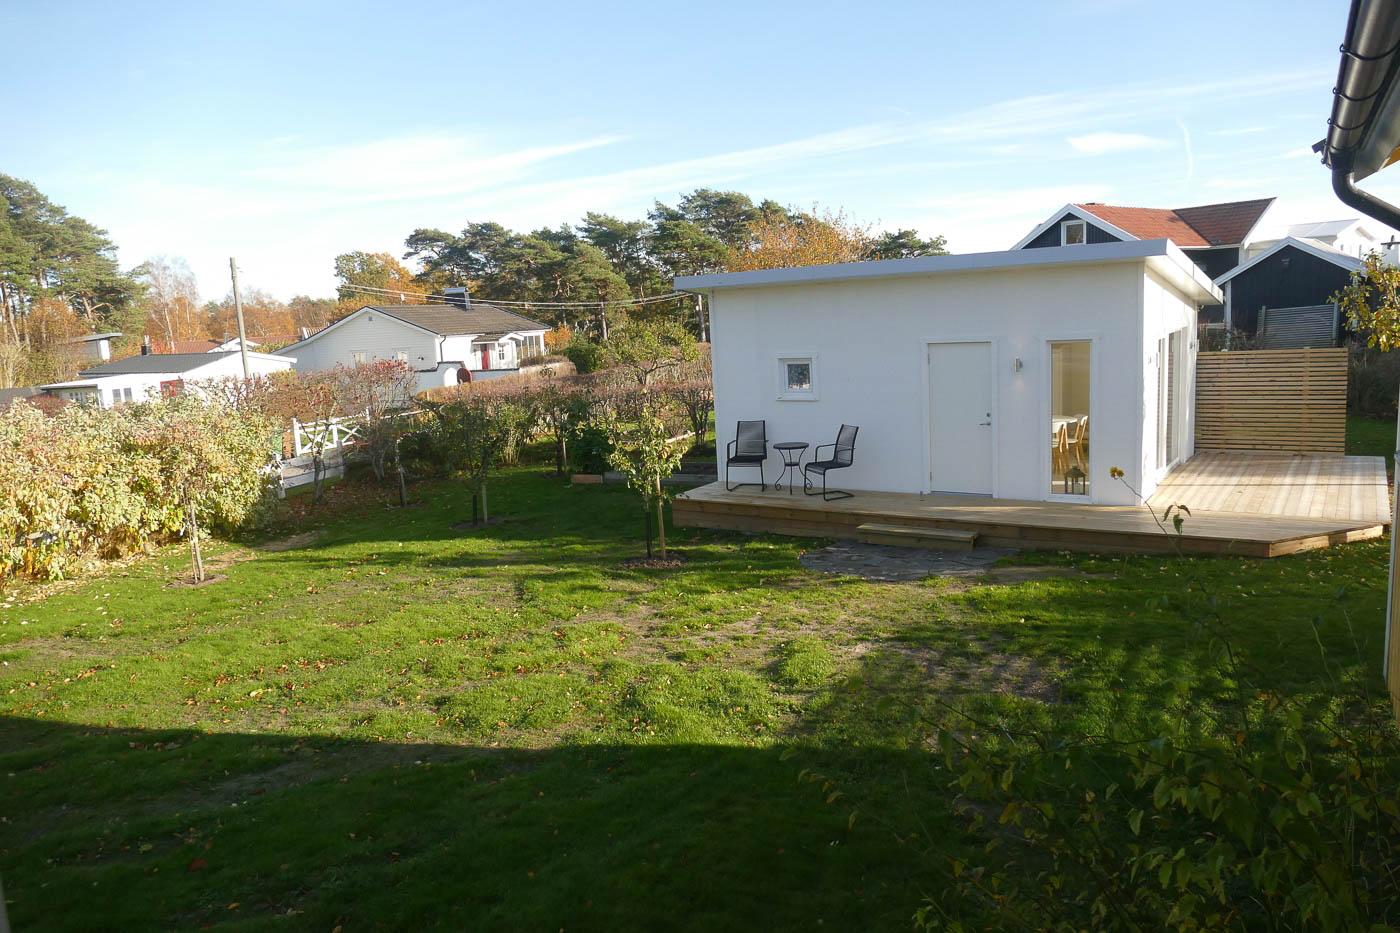 easy-house-attefallshus-ystad-25-1.jpg